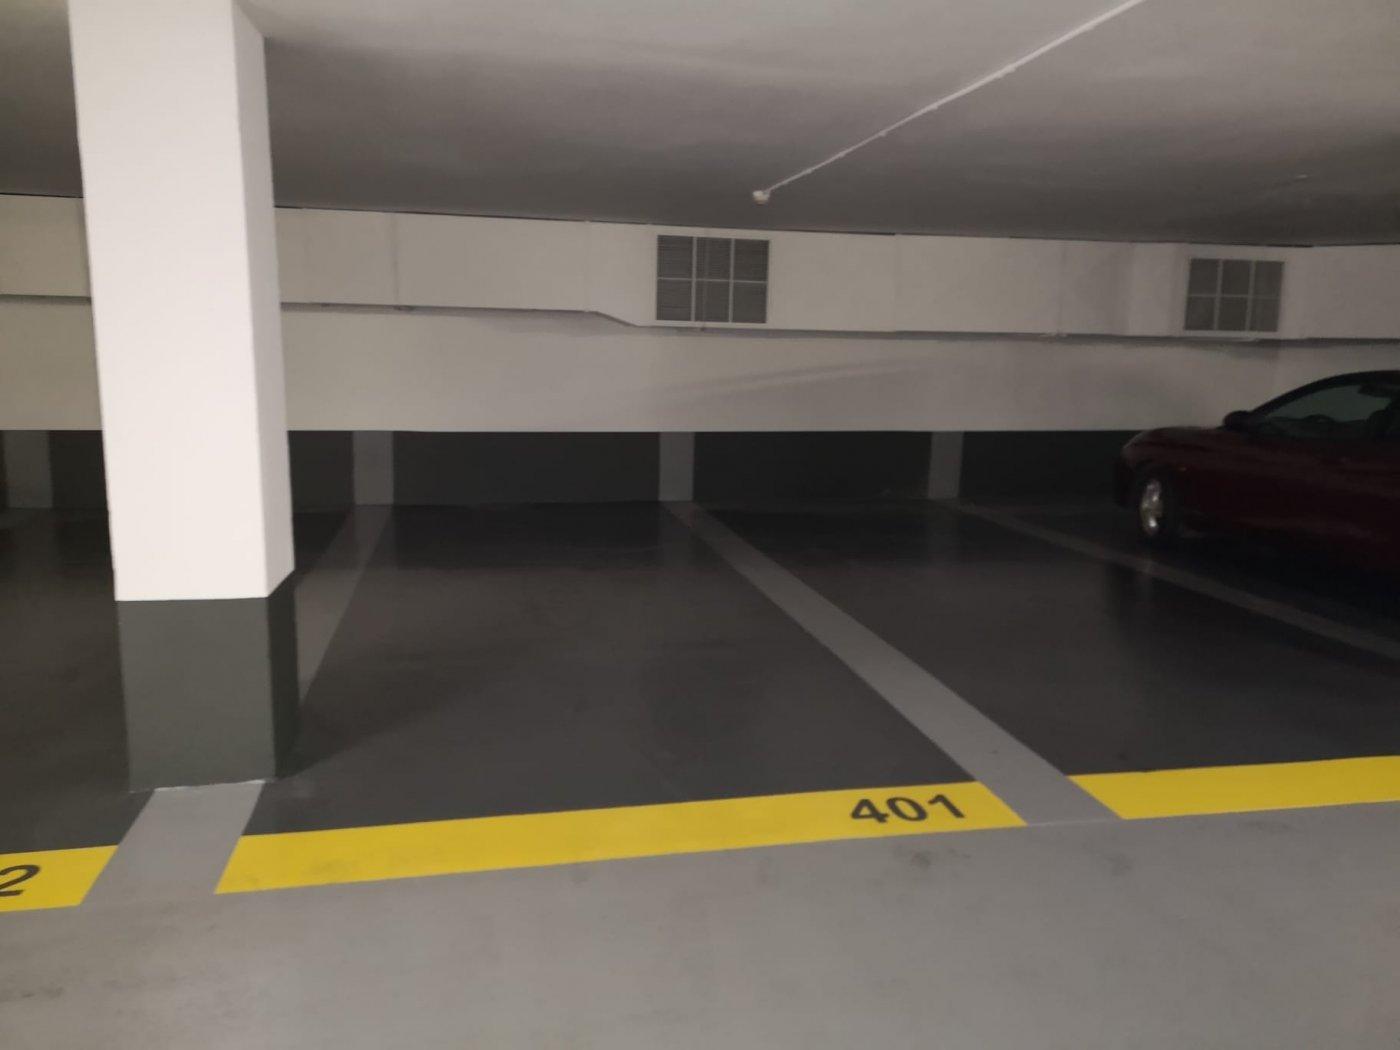 Venta de garaje en zaragoza - imagenInmueble0